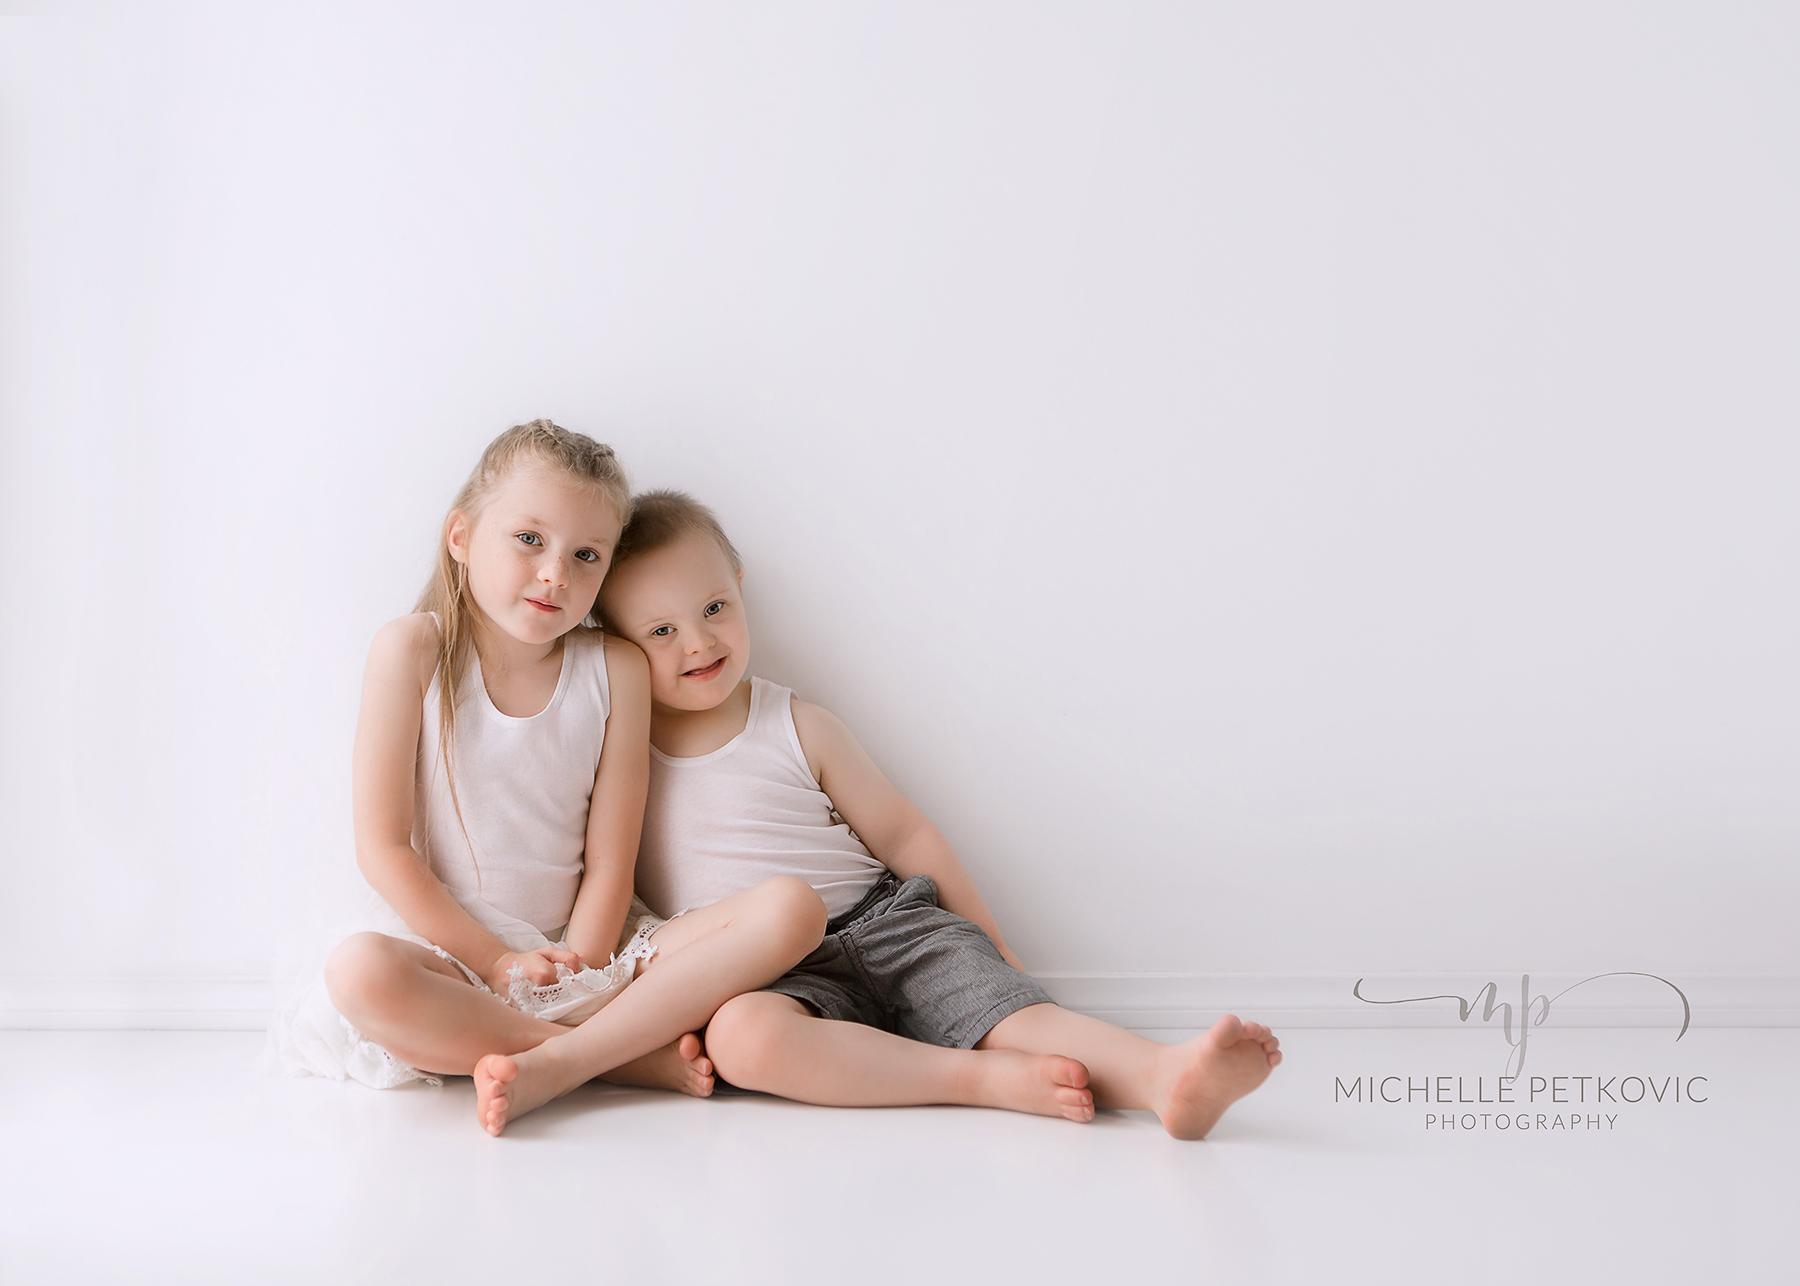 Studio-photography-adelaide